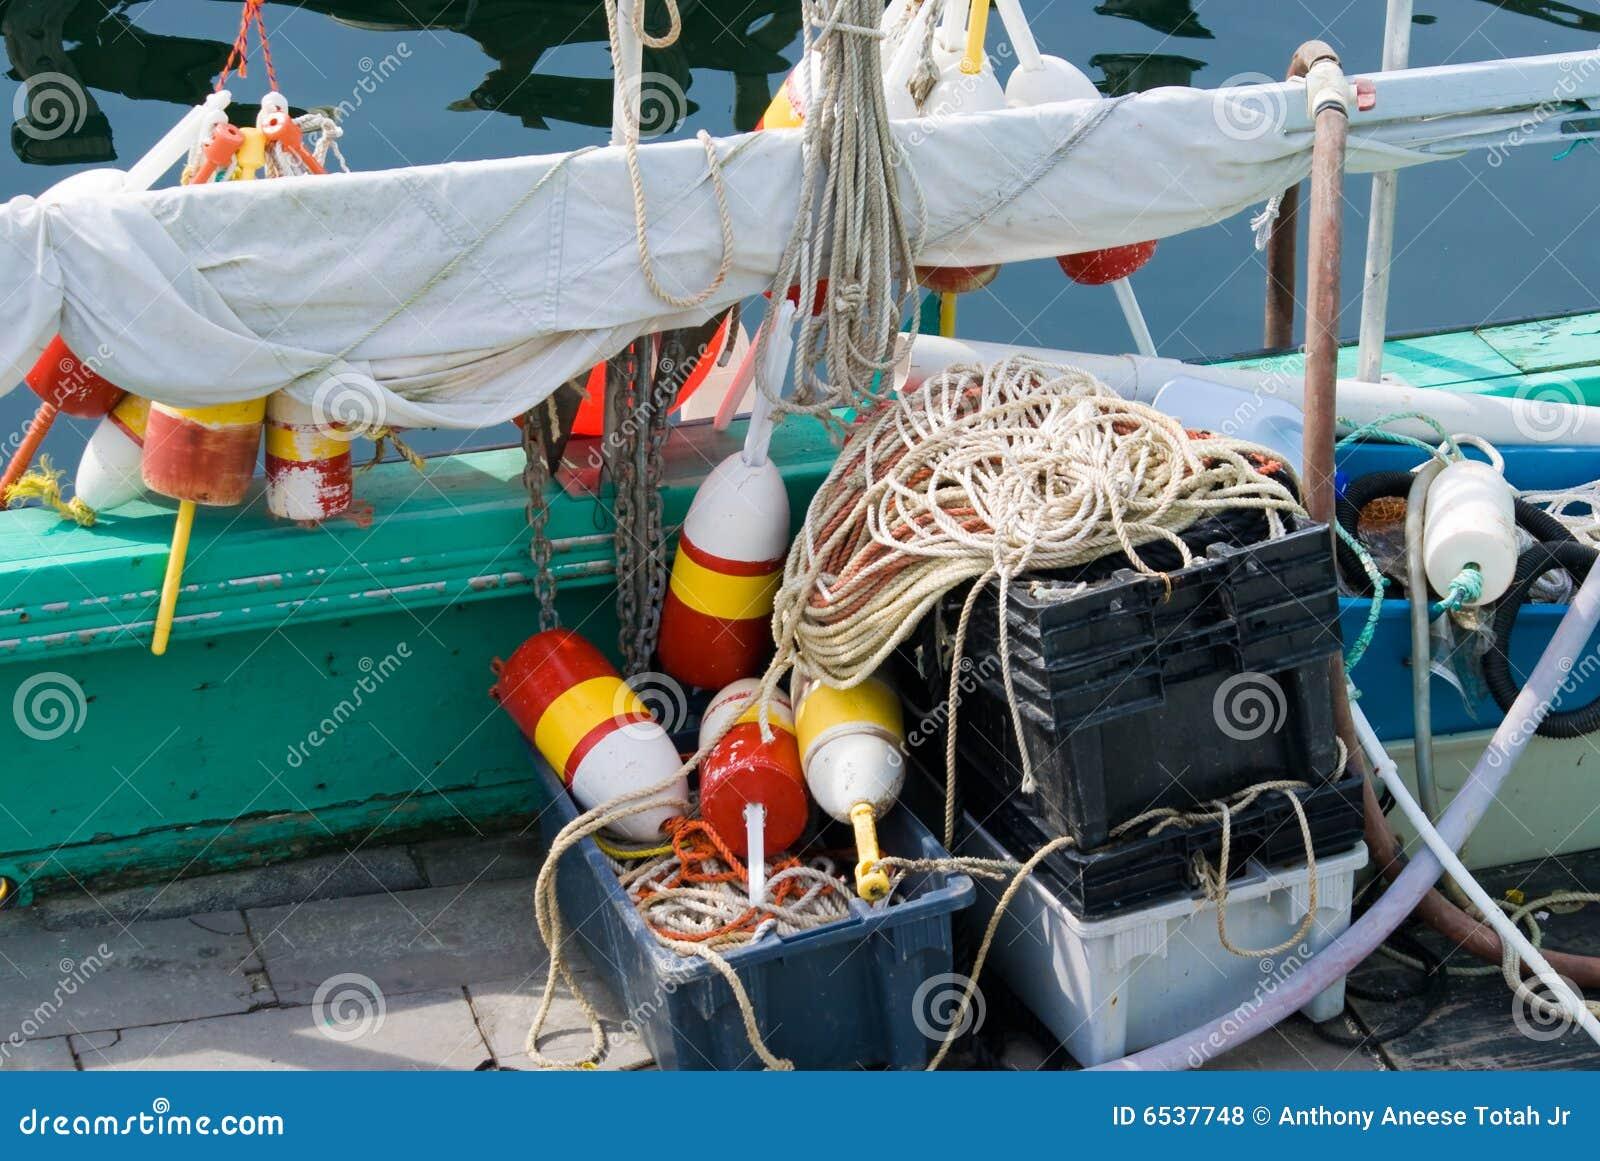 lobster fishing gear